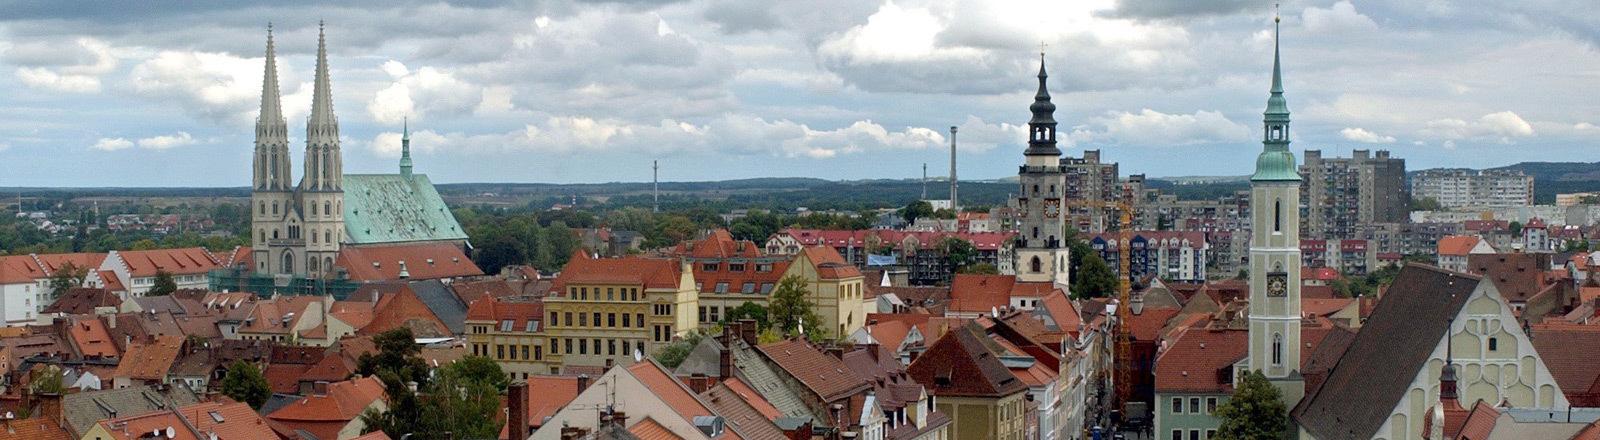 Görlitz.